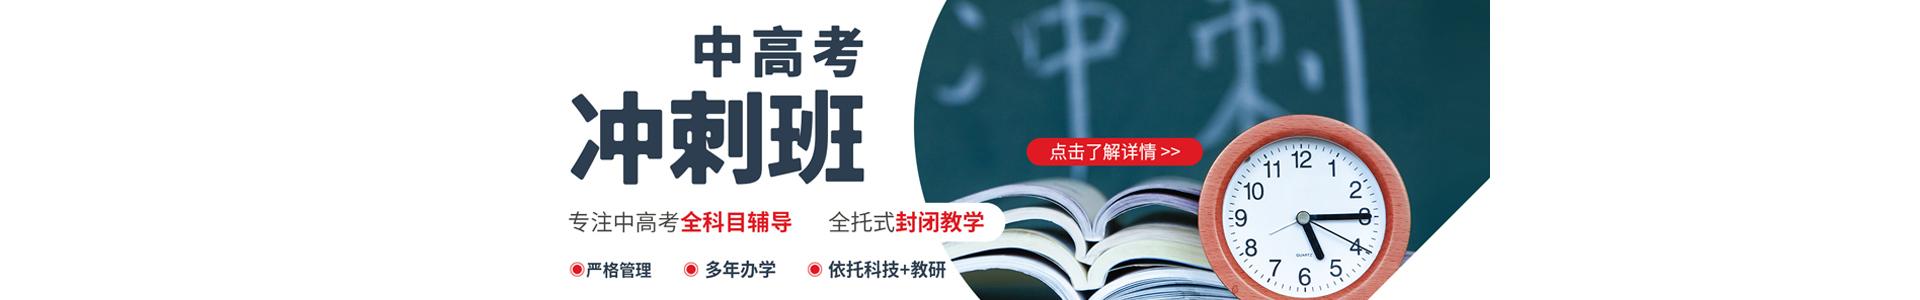 徐州秦學教育